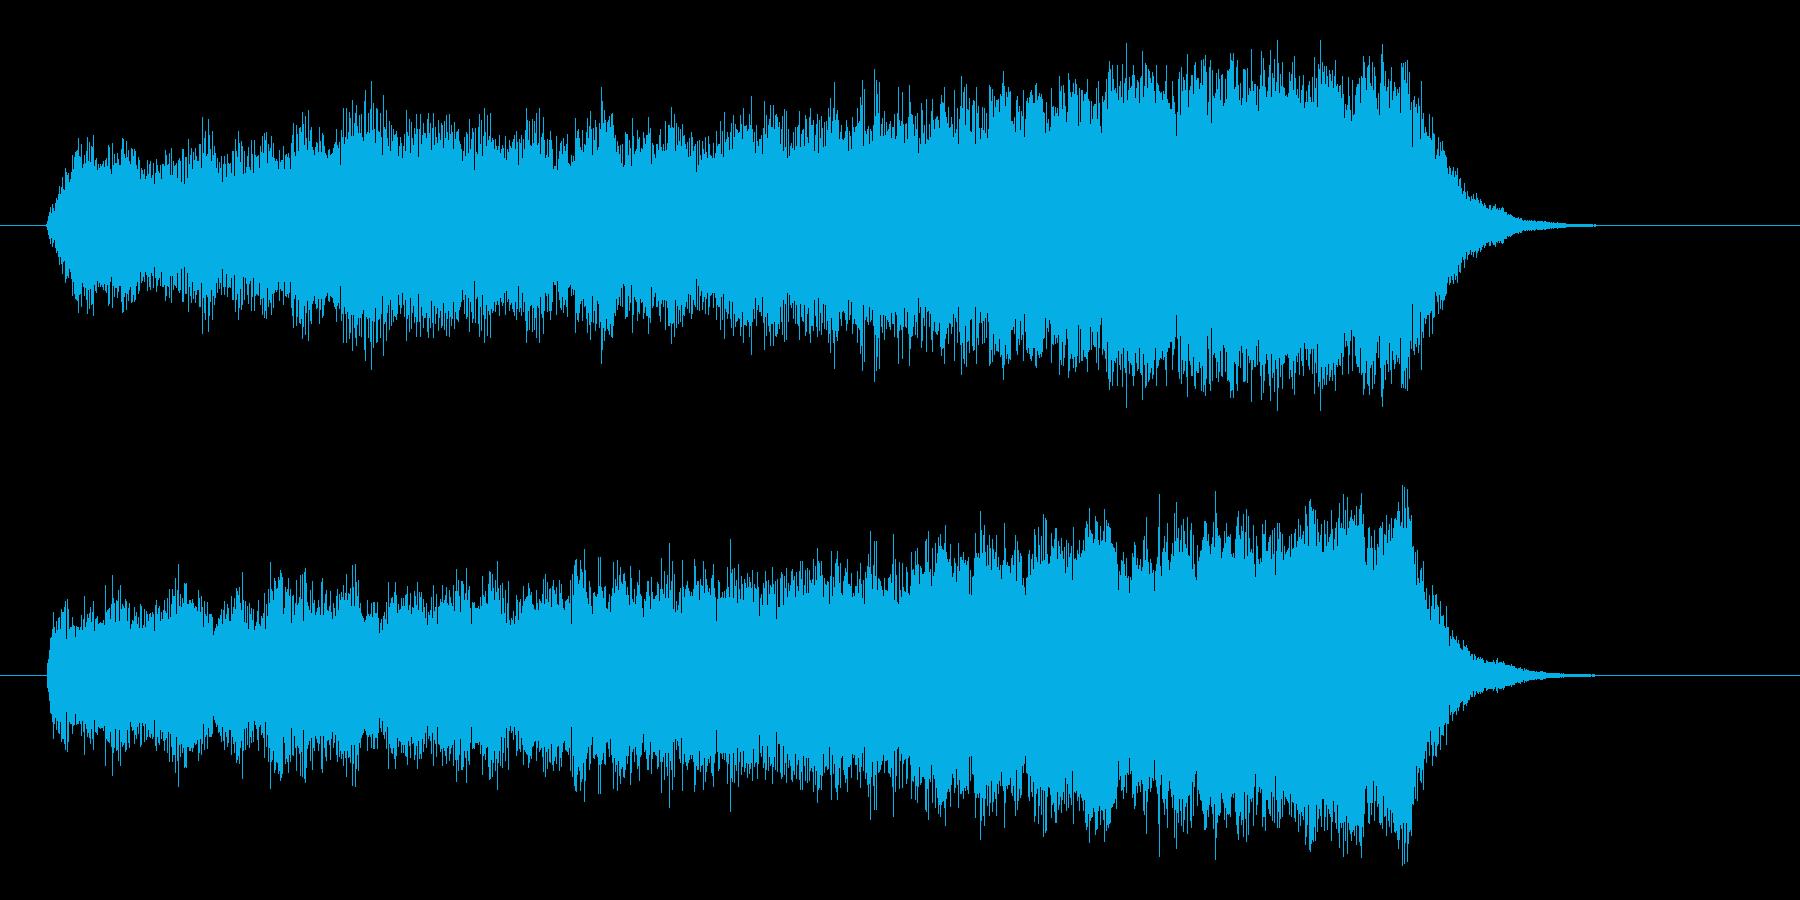 シンプルで神秘的なシンセジングルの再生済みの波形